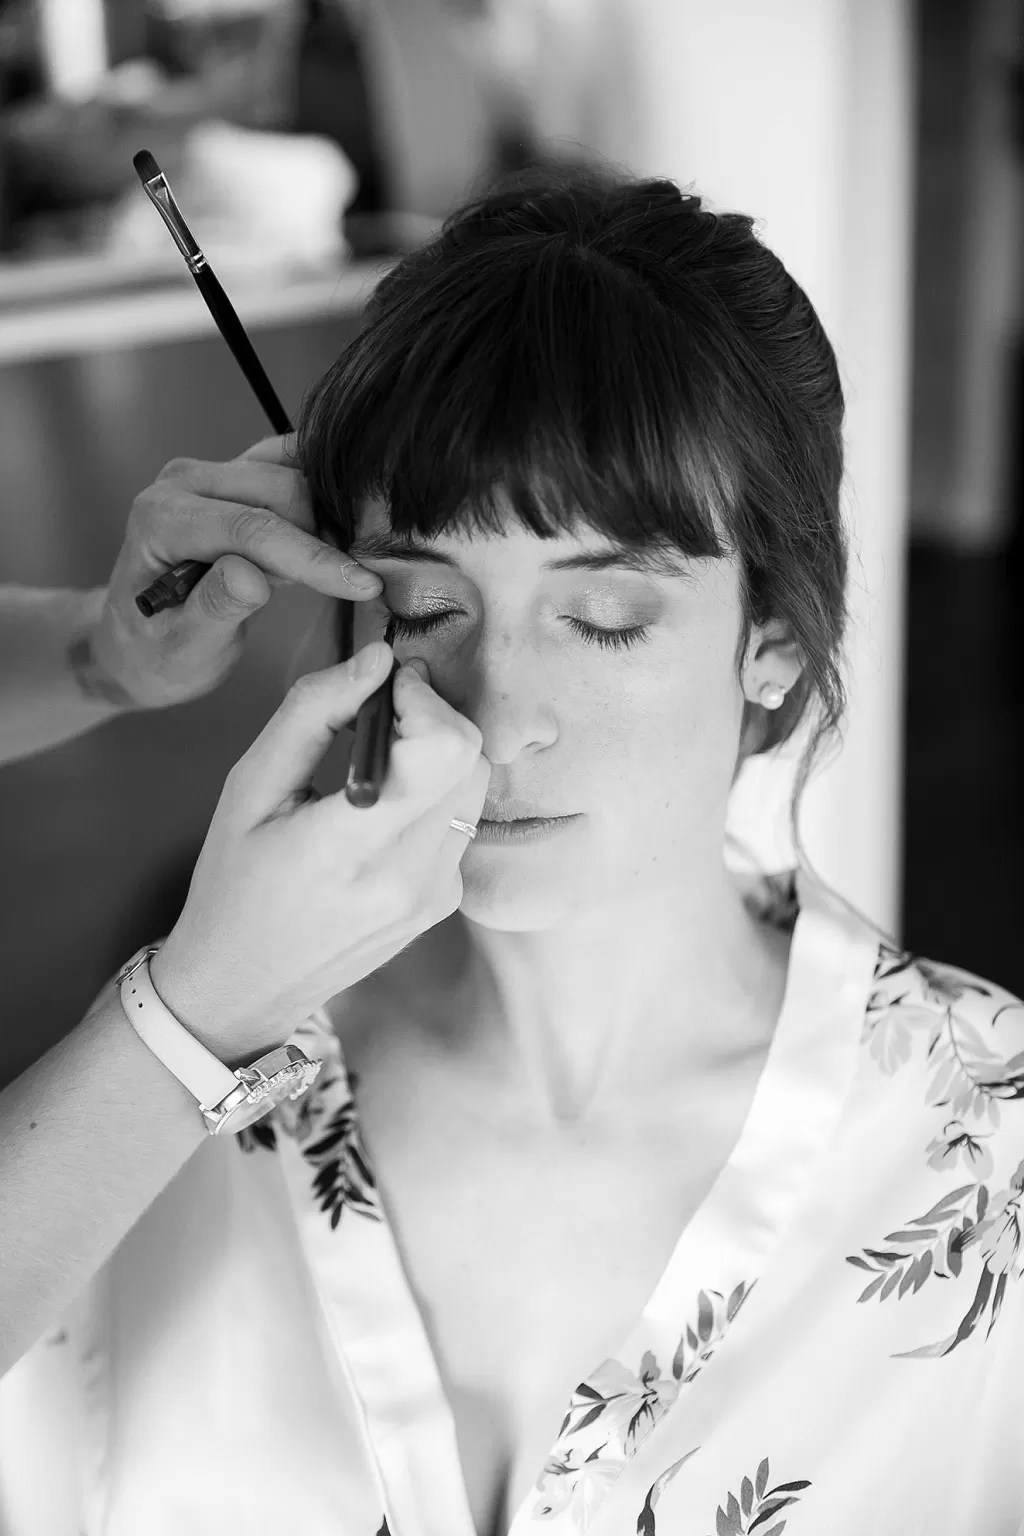 maquillage mariée noir et blanc à cherbourg en normandie